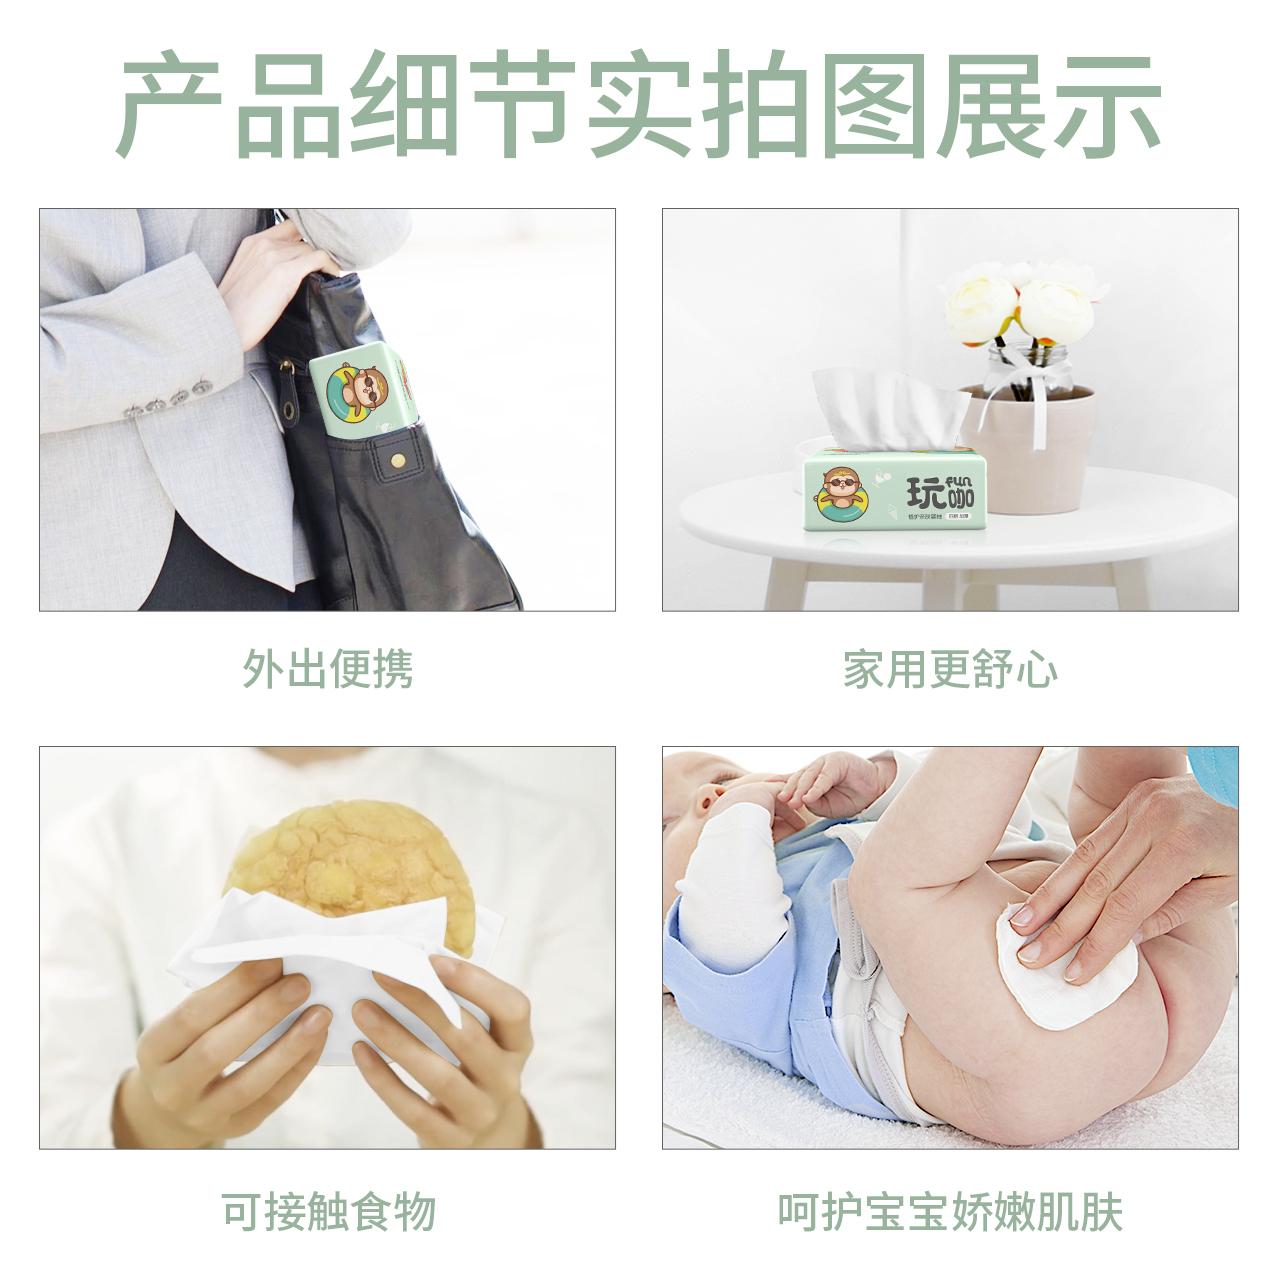 植护30包抽纸整箱批发纸巾婴儿家用家庭装面巾餐巾纸卫生纸抽实惠